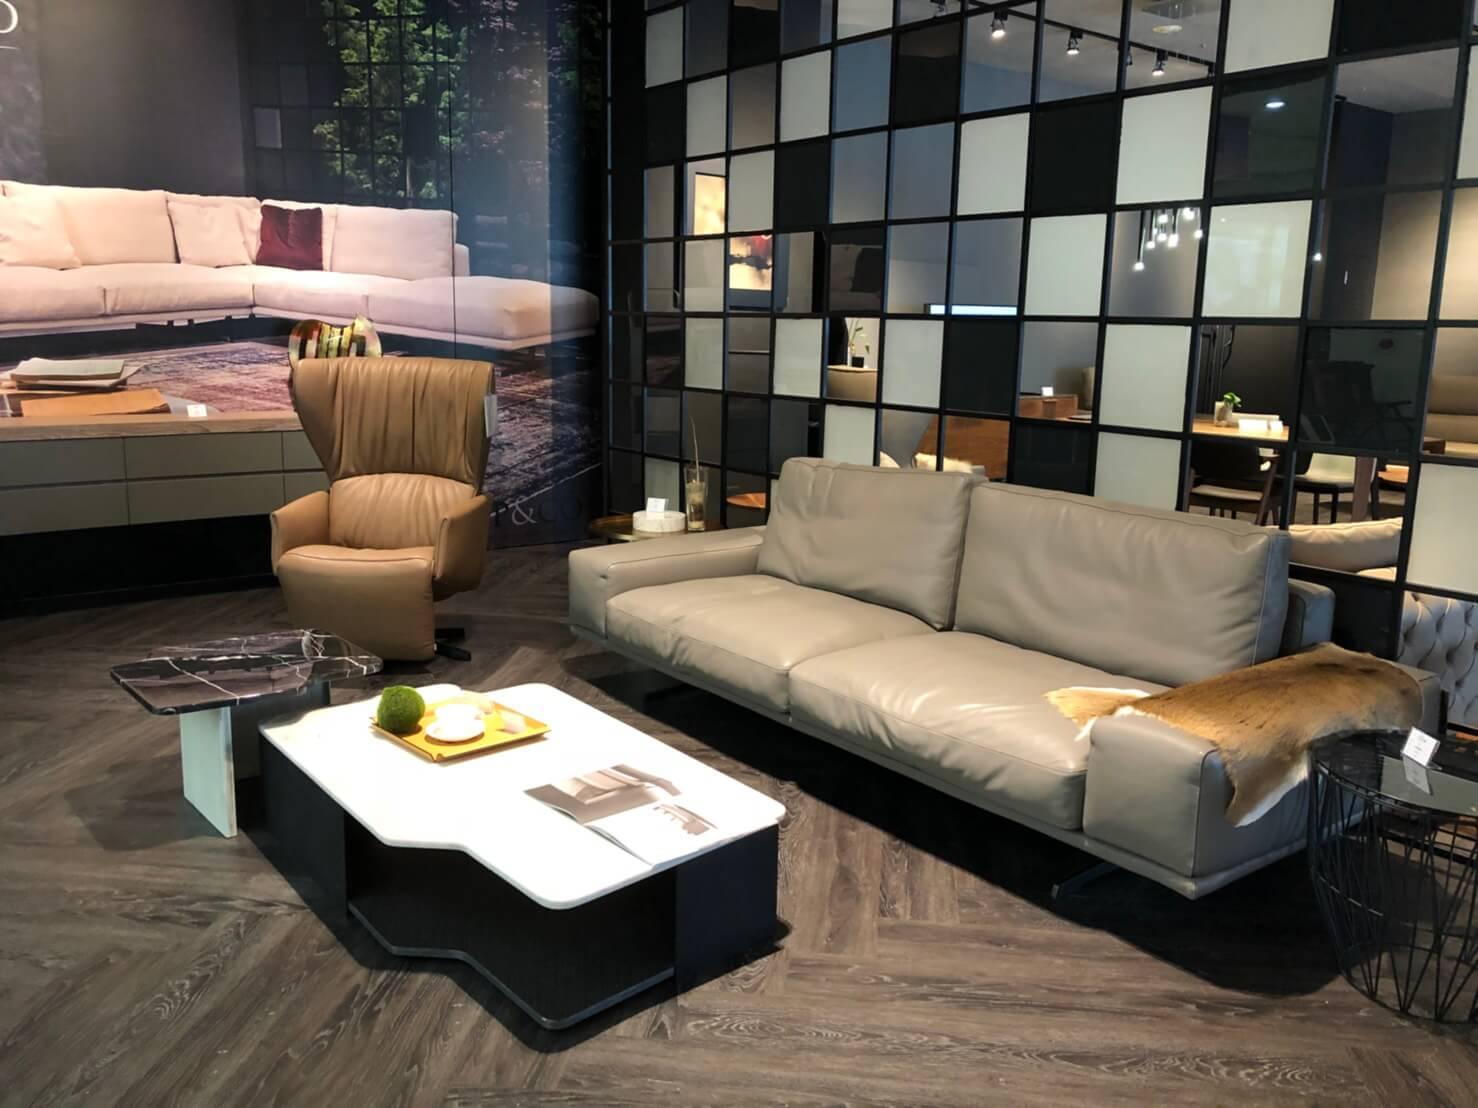 義大利進口家具 一字型沙發推薦 POLO DIVANI